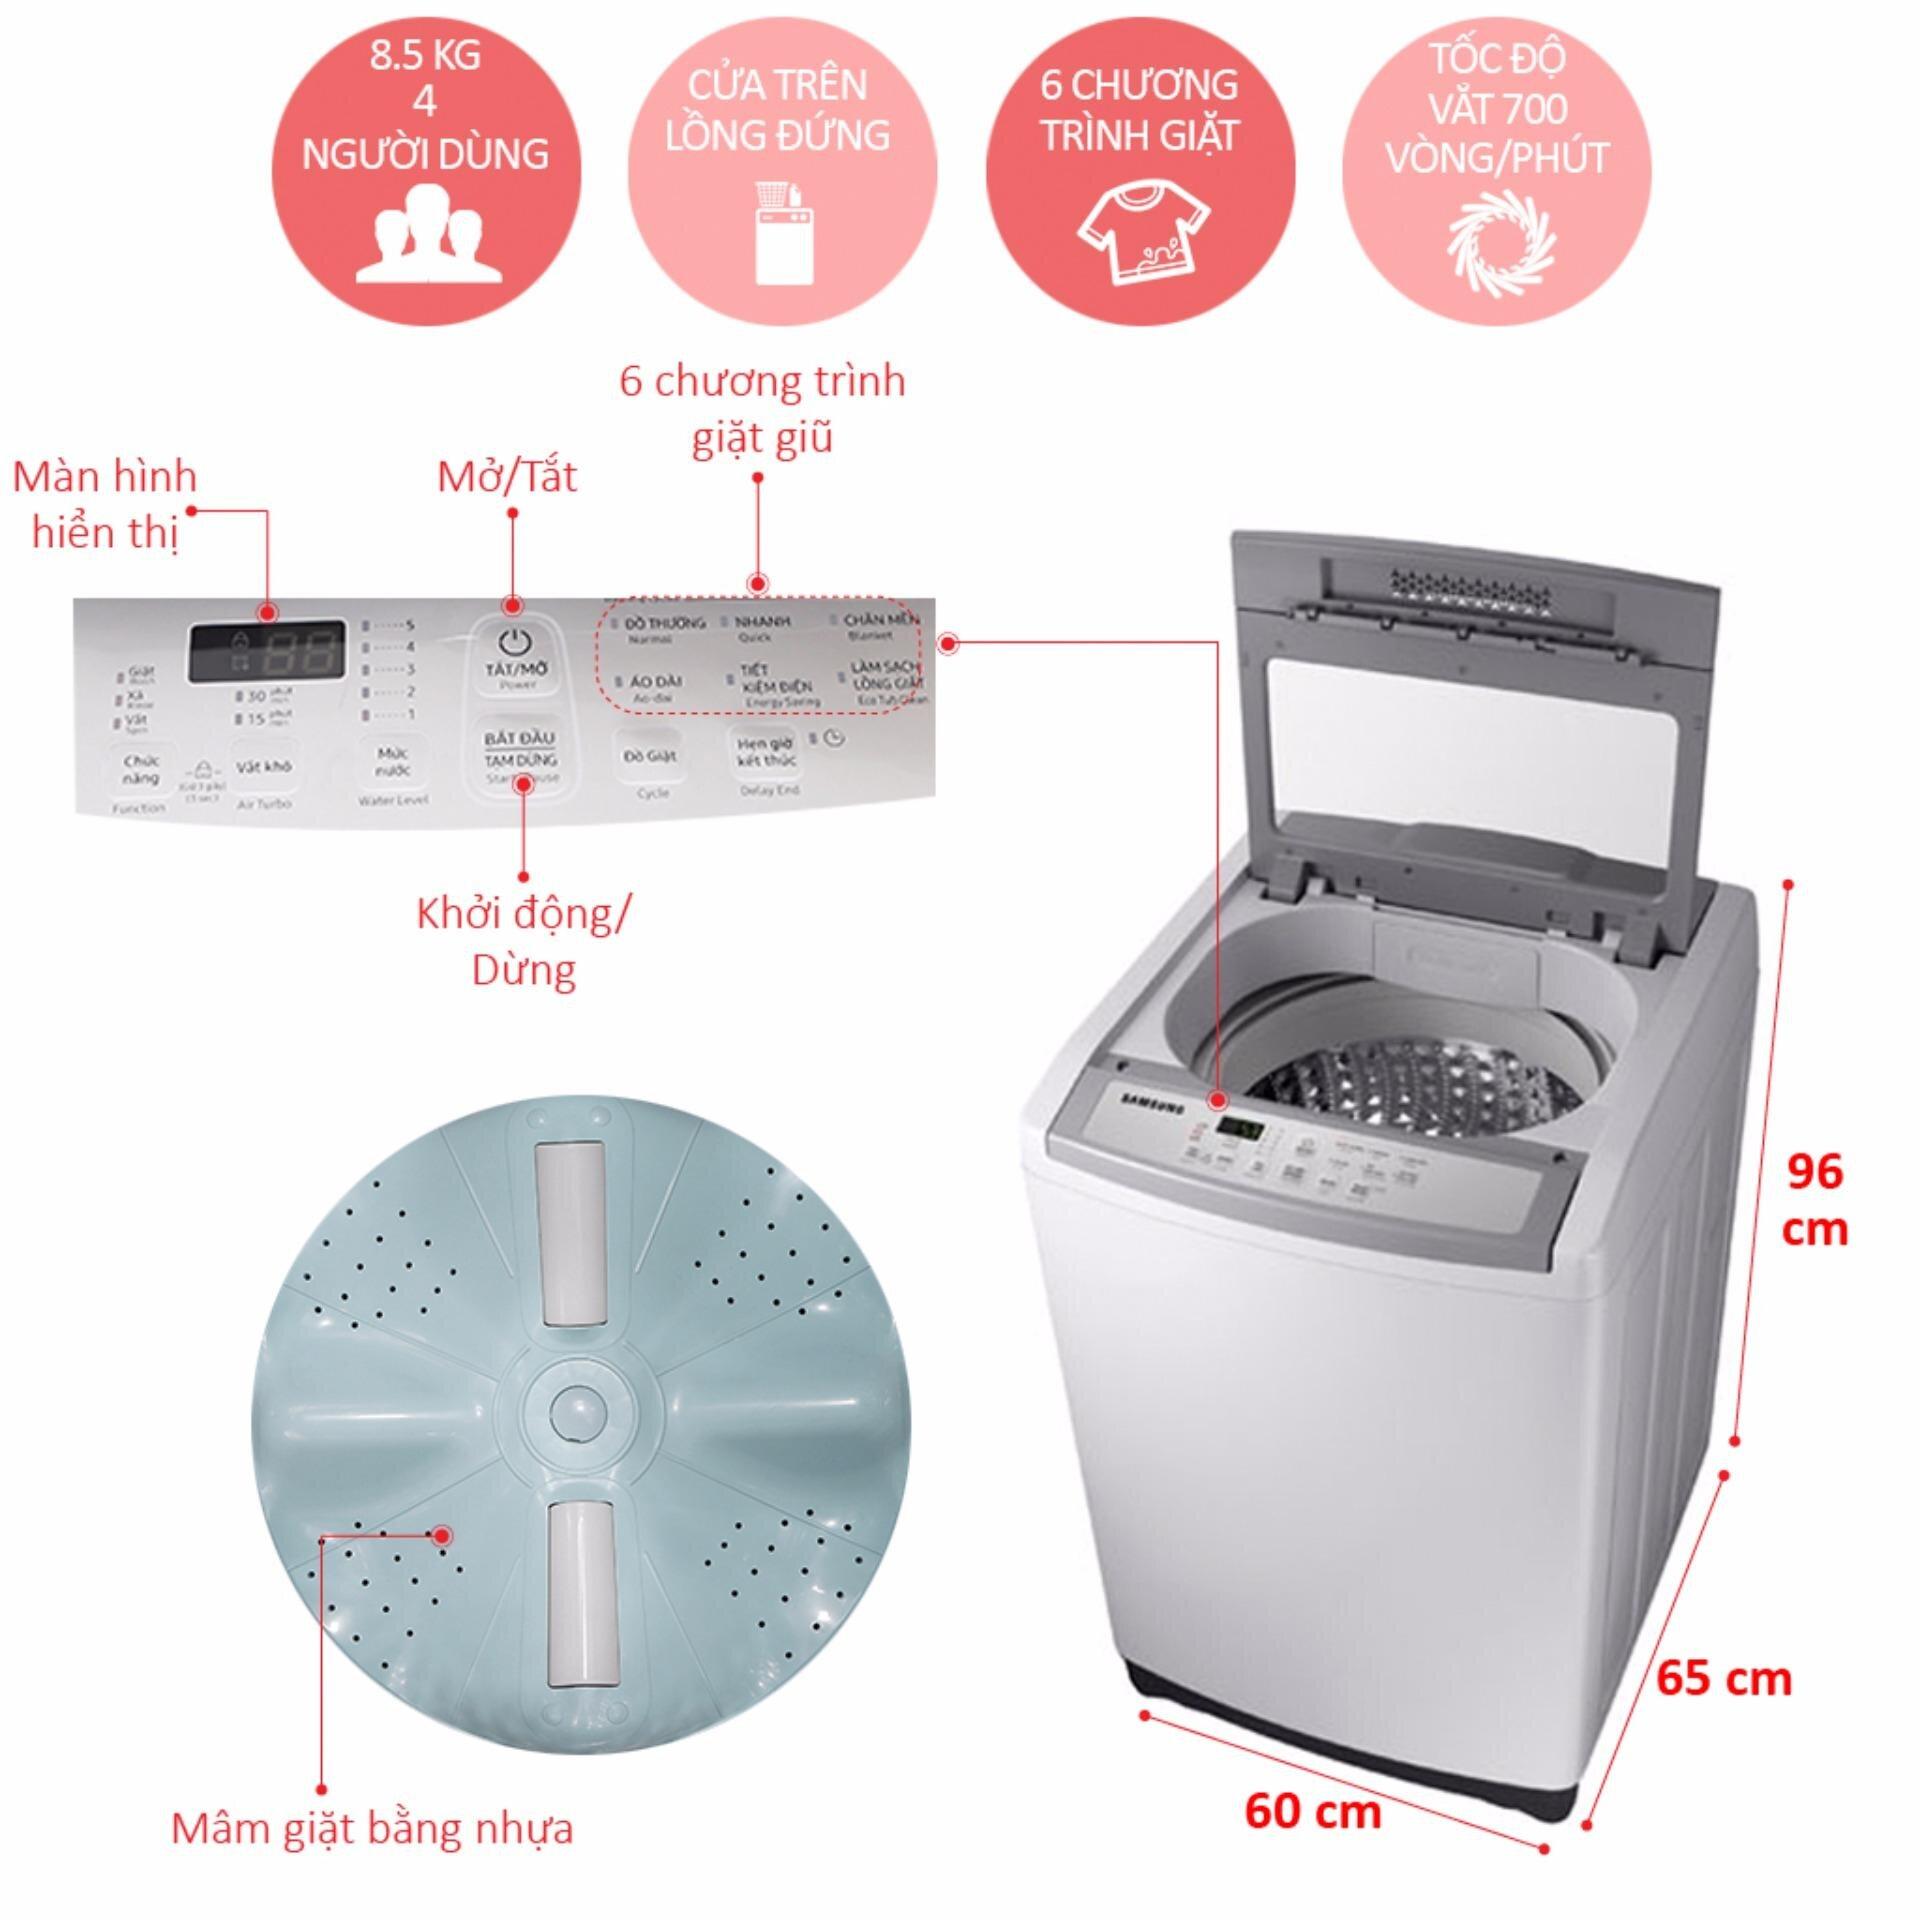 Máy giặt cửa trên Samsung 8.5kg (WA85M5120SG)